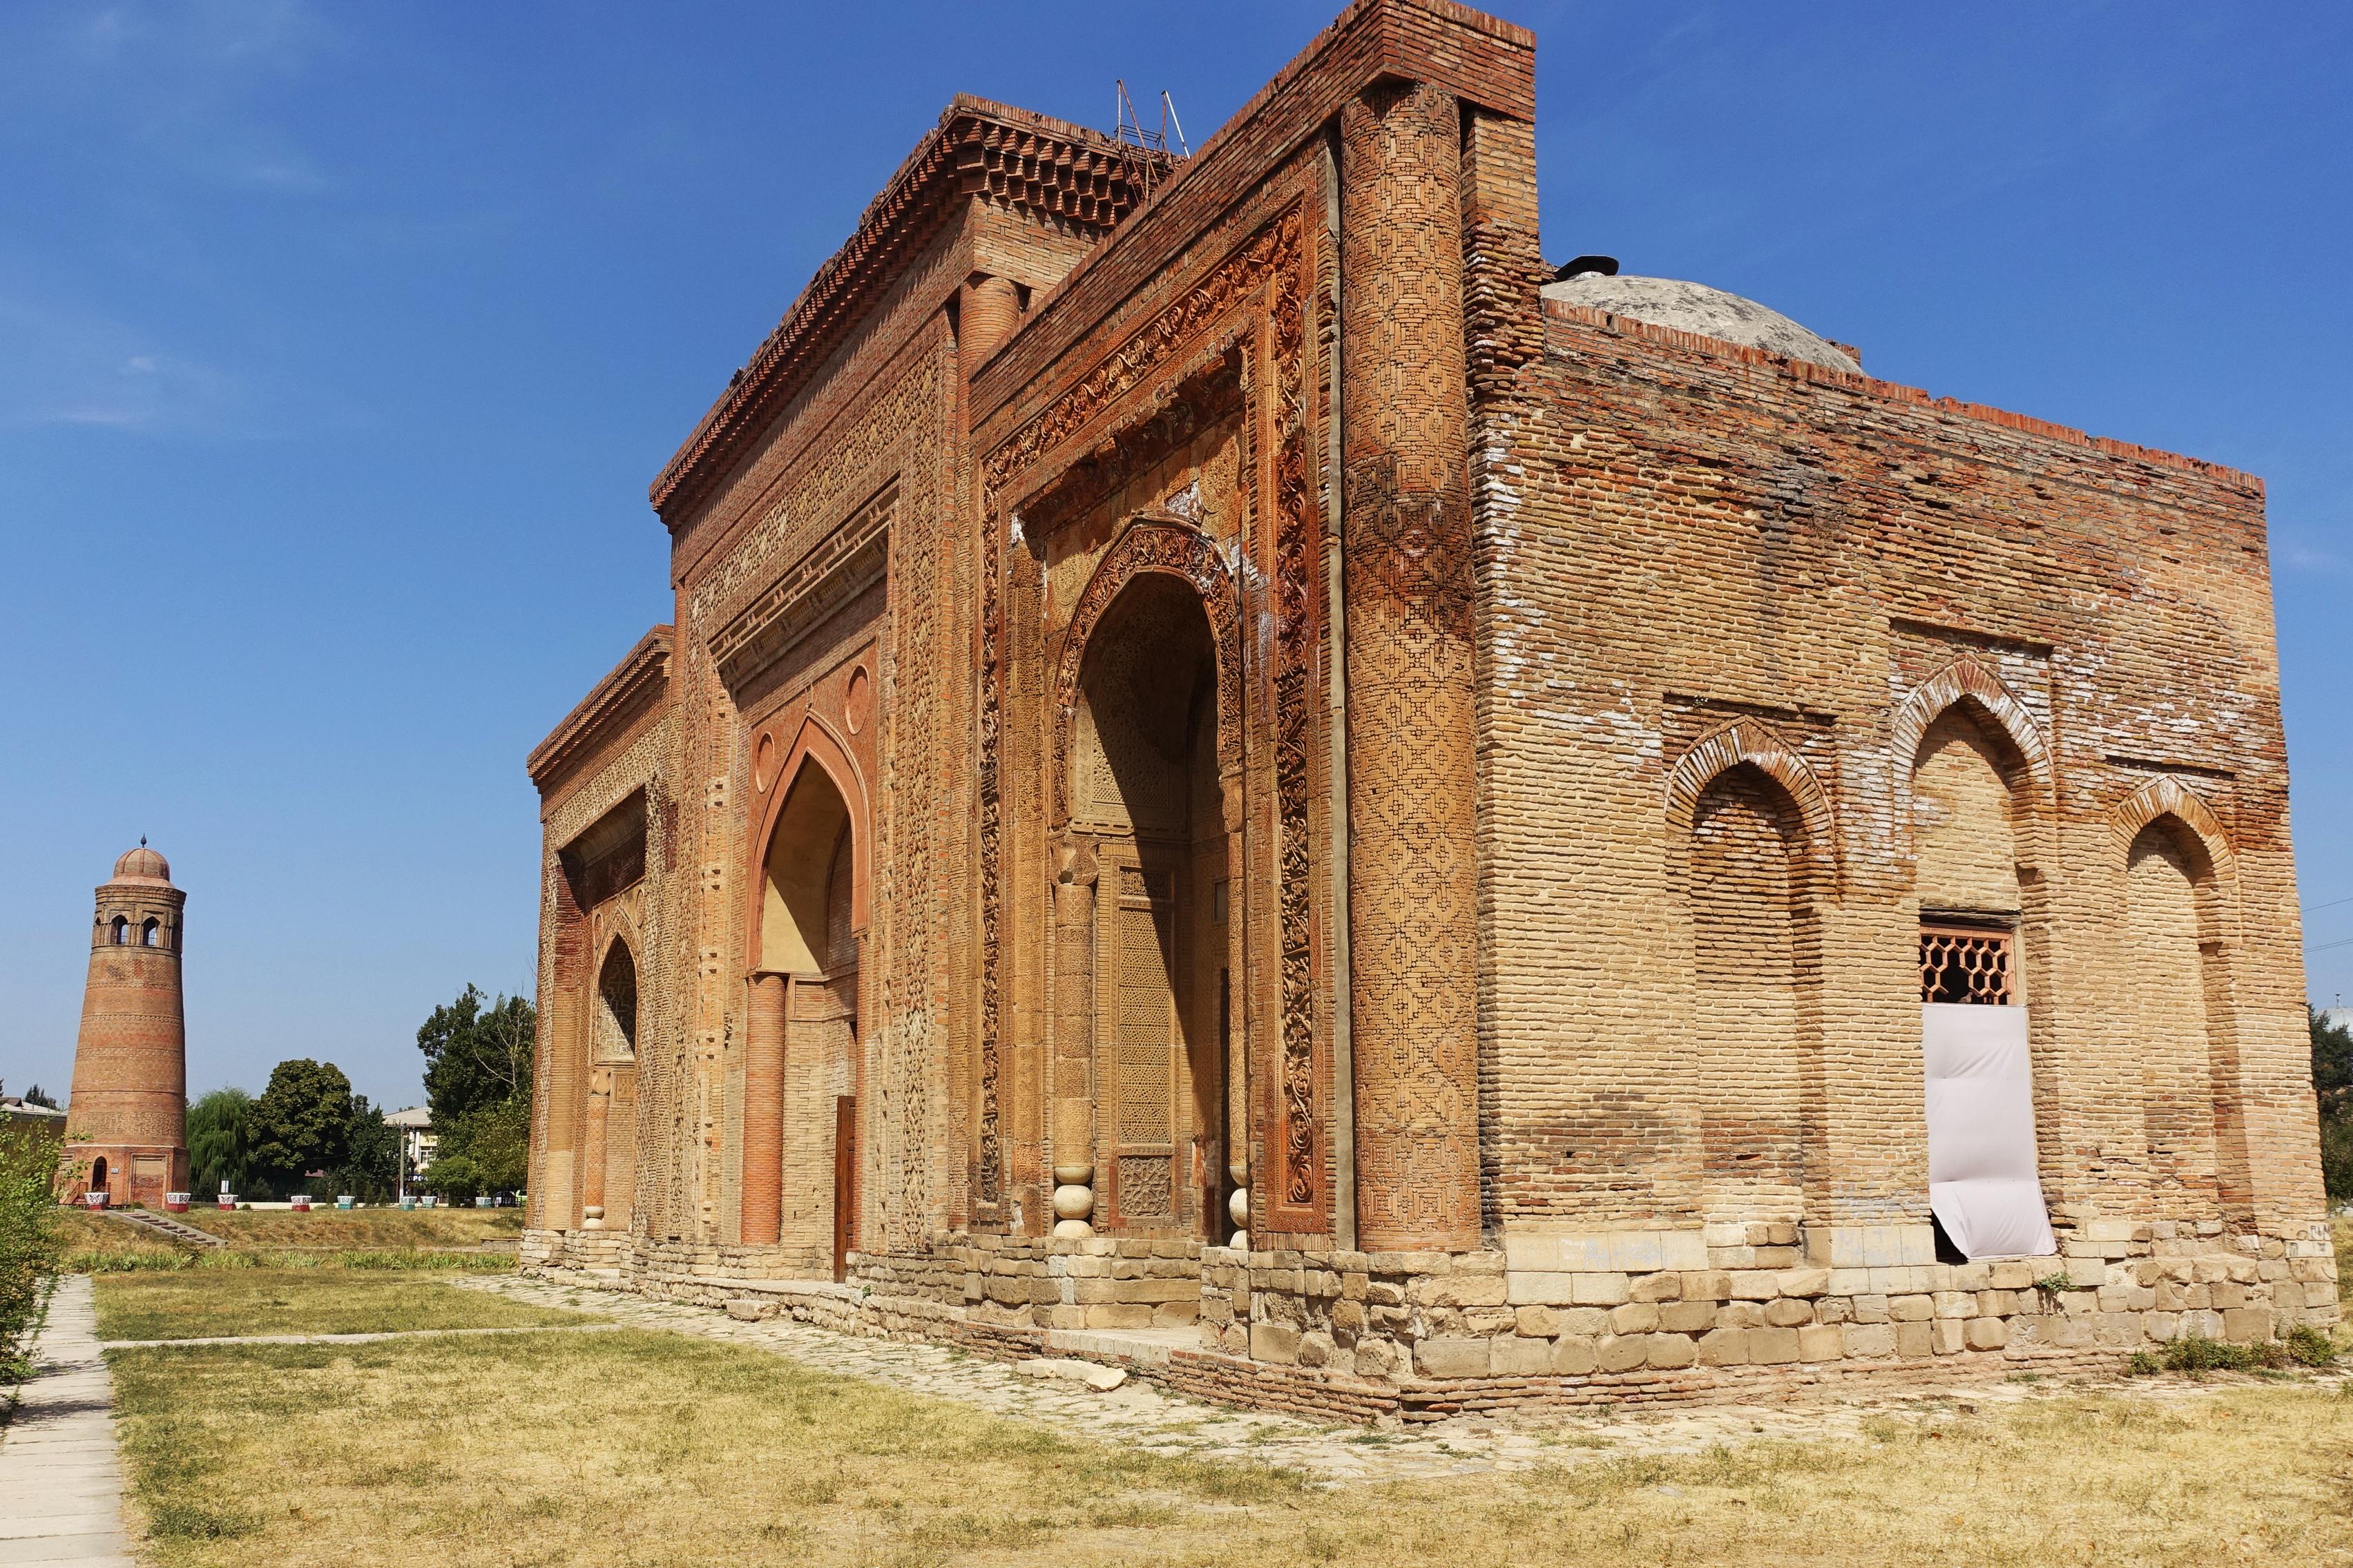 Mausolée Kharakhanid Uzgen Khirghizstan